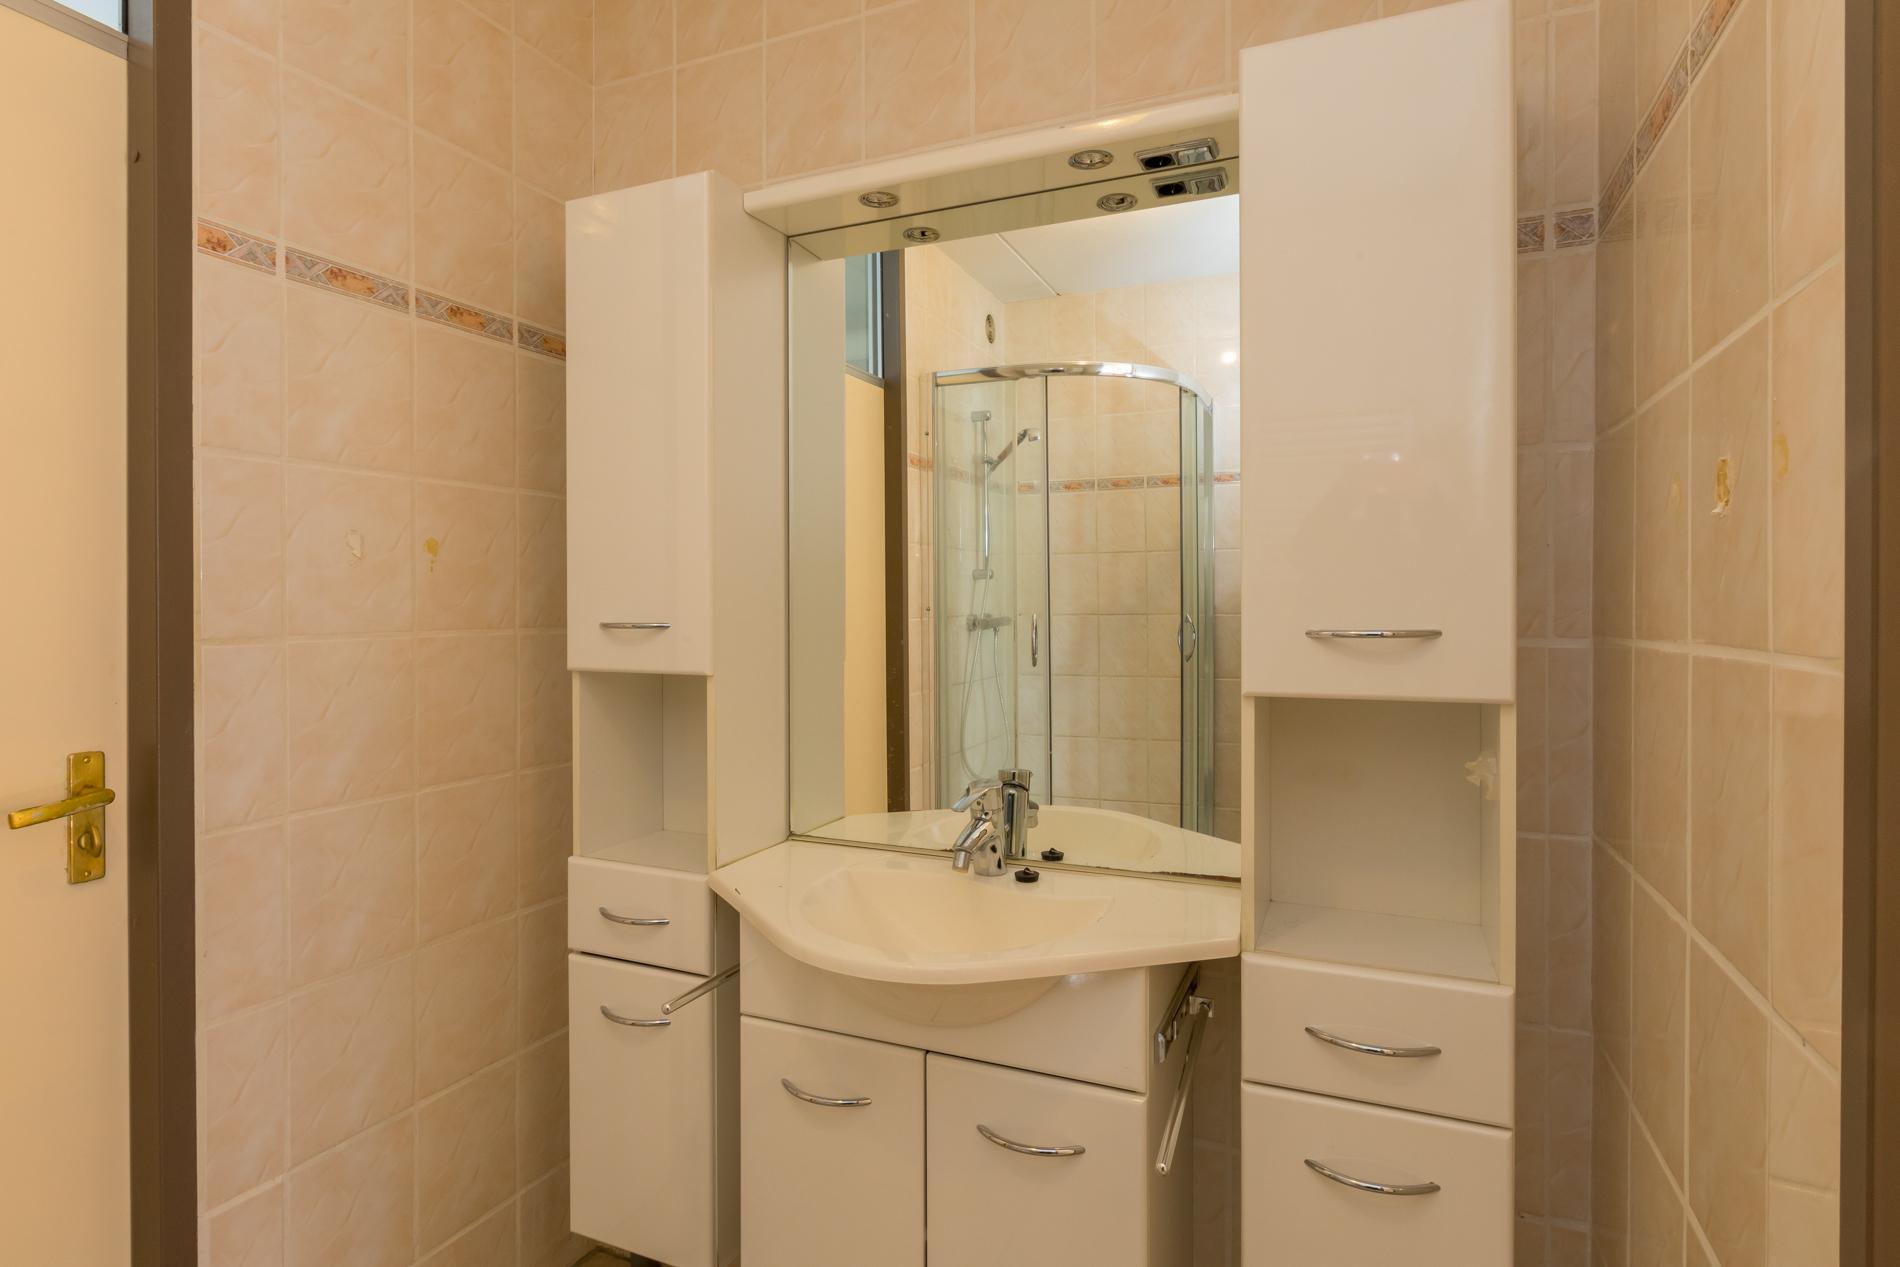 badkamer Beenhouwerssingel 27 Middelburg ism makelaars